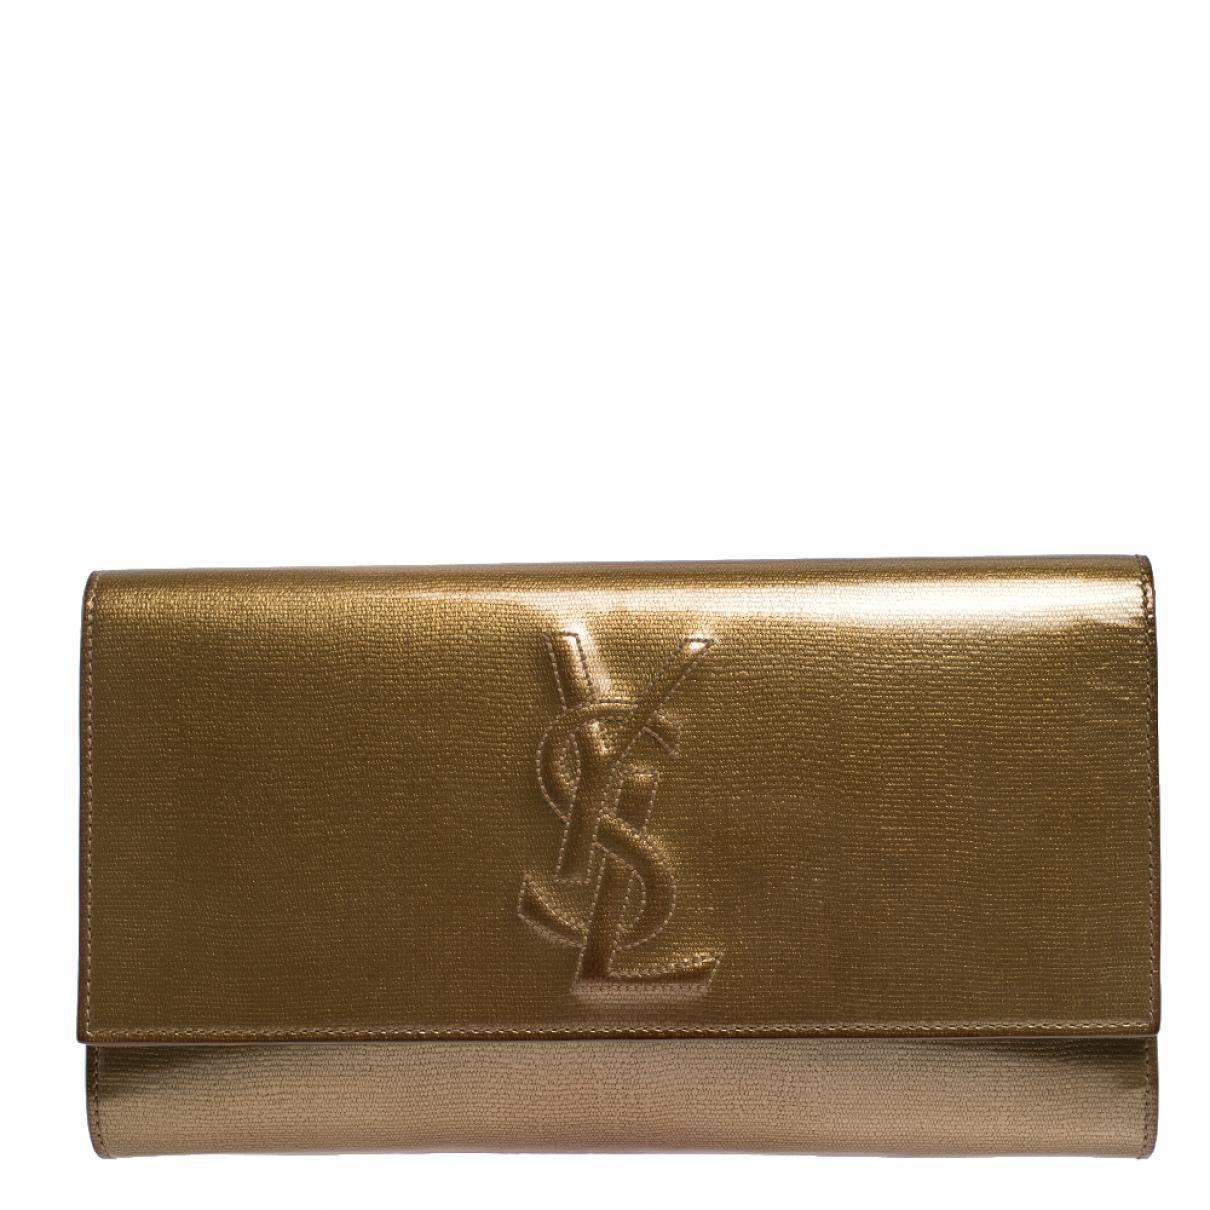 Saint Laurent - Pochette   pour femme en cuir verni - dore